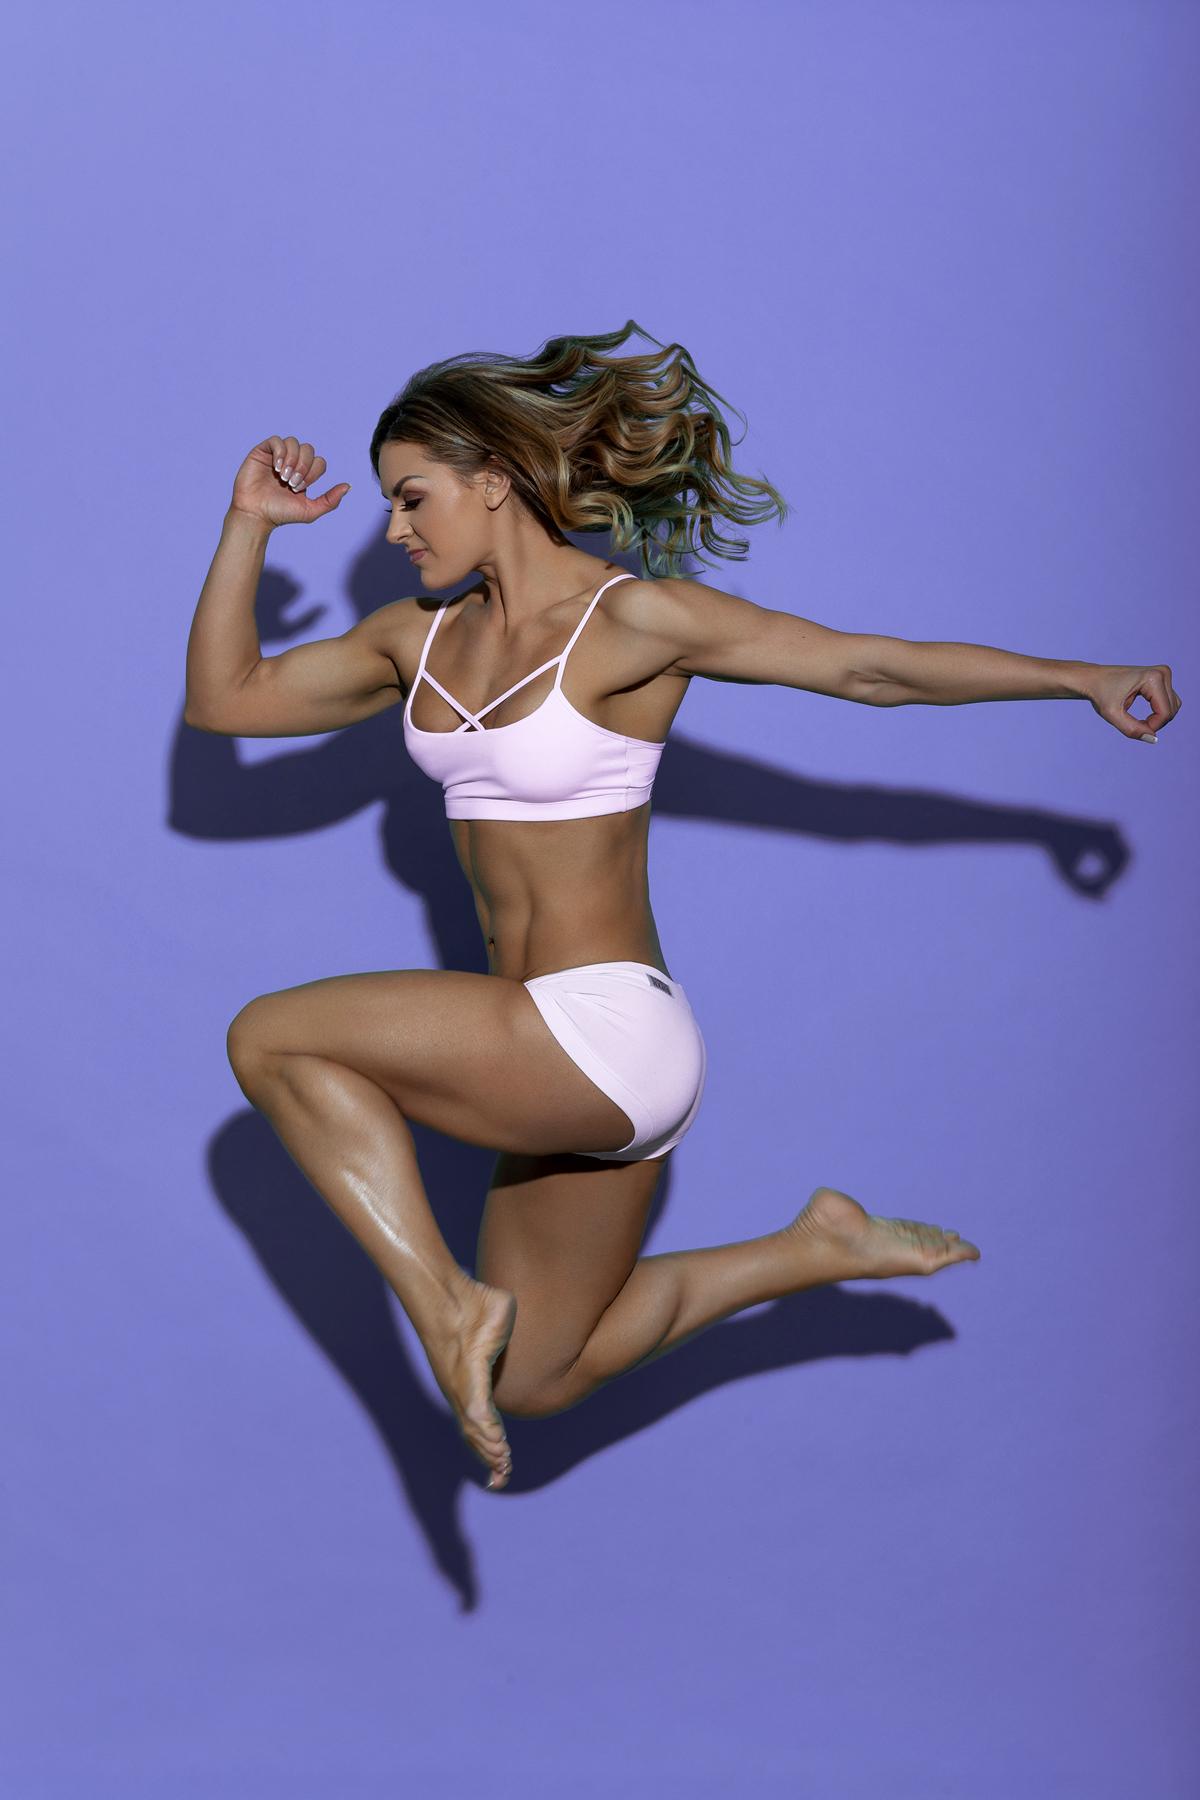 Julia Stecher jumping in sports wear